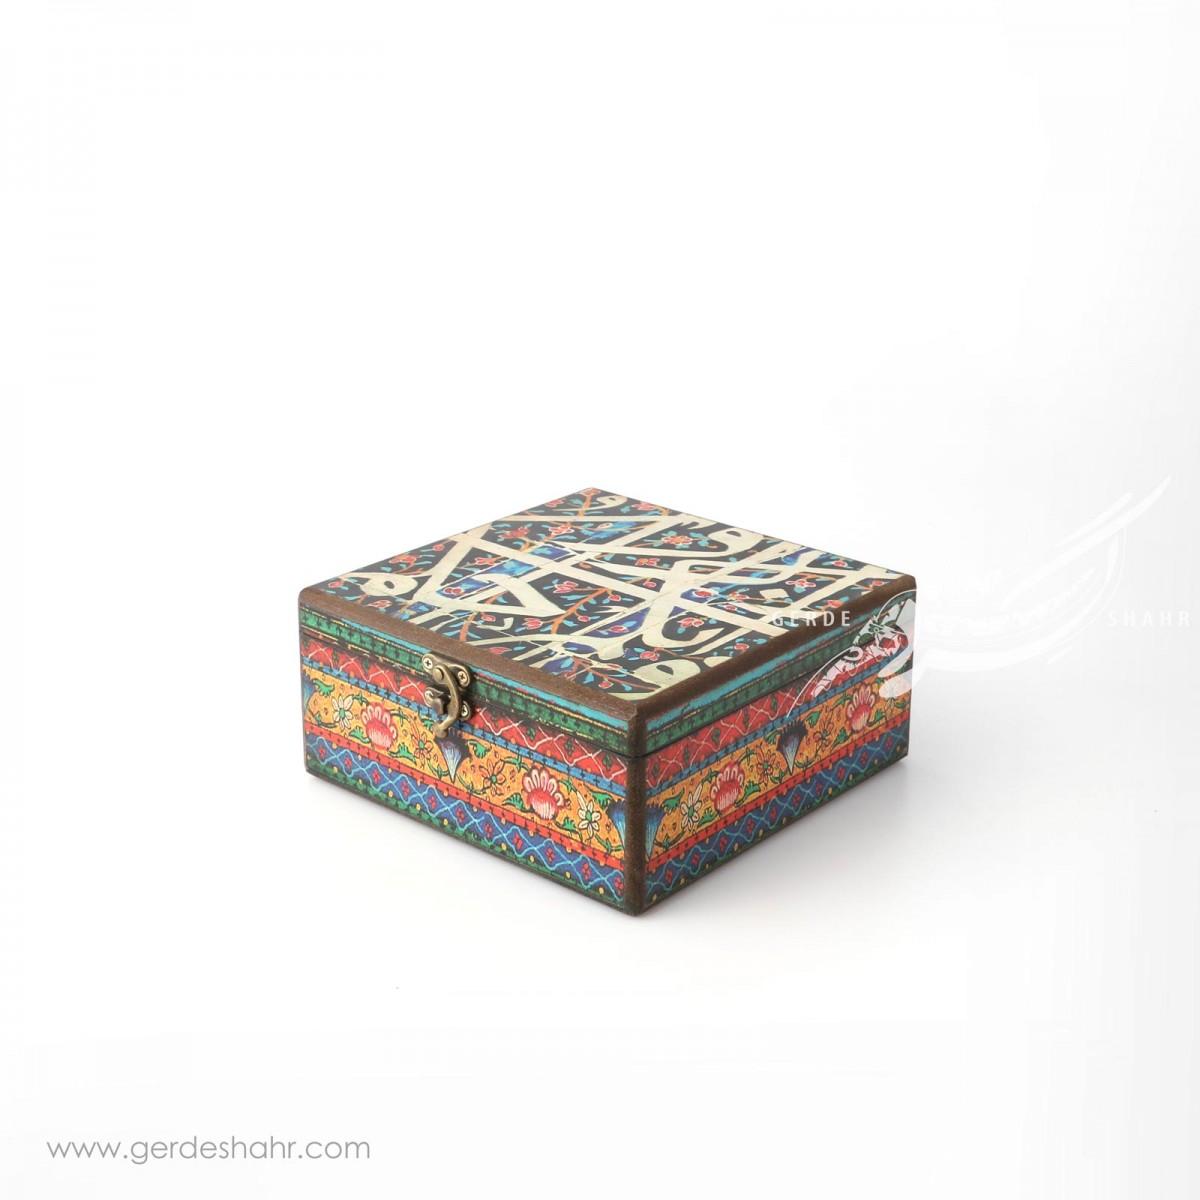 جعبه چوبی کتیبه سایز ۲۰ هفتگان جعبه و صندوقچه